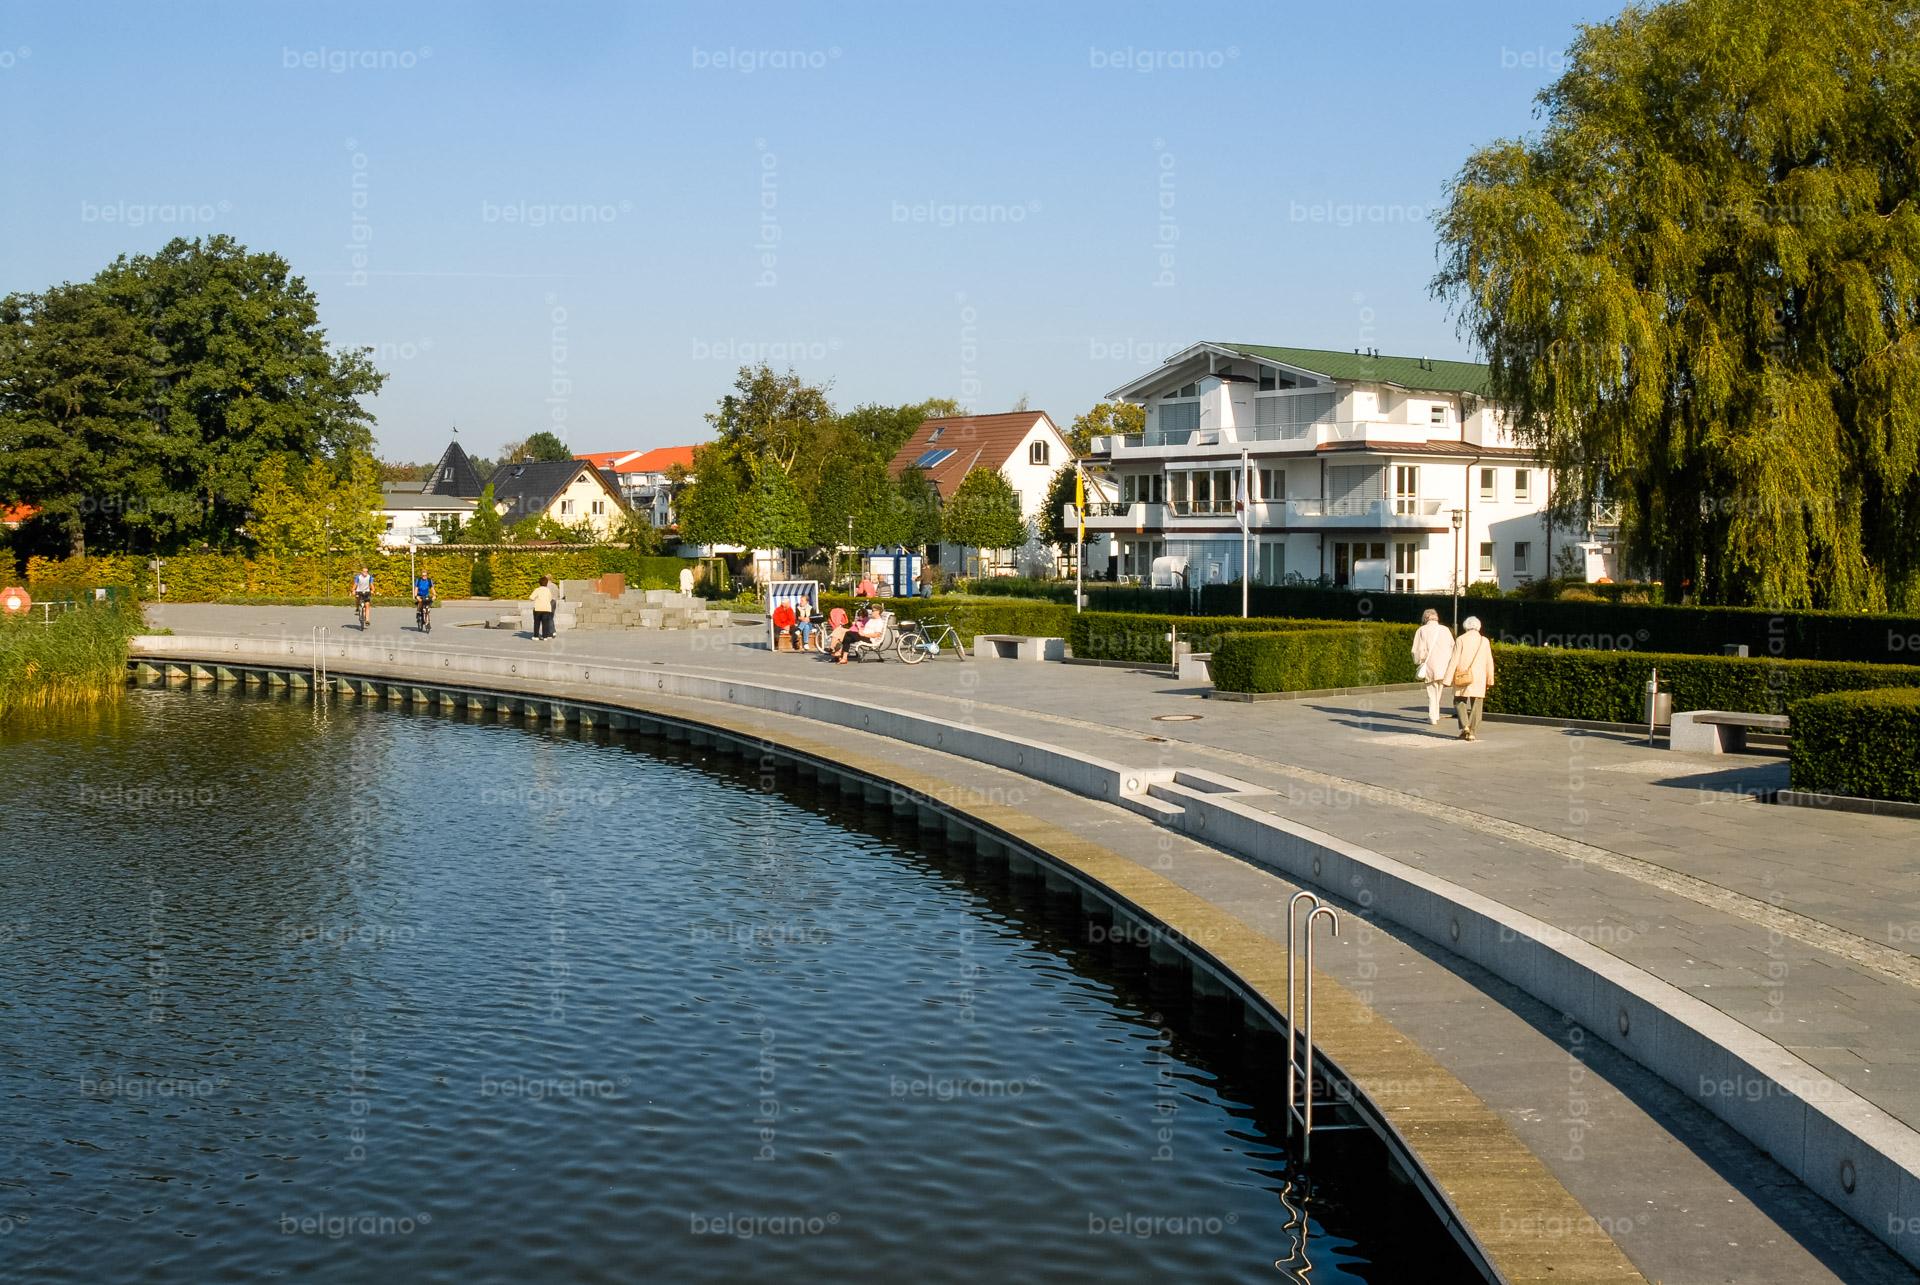 Binz Schmachter See Promenade mit belgrano® Naturstein Außenanlagen, Bodenplatten, einem Wasserspiel und Blockstufen